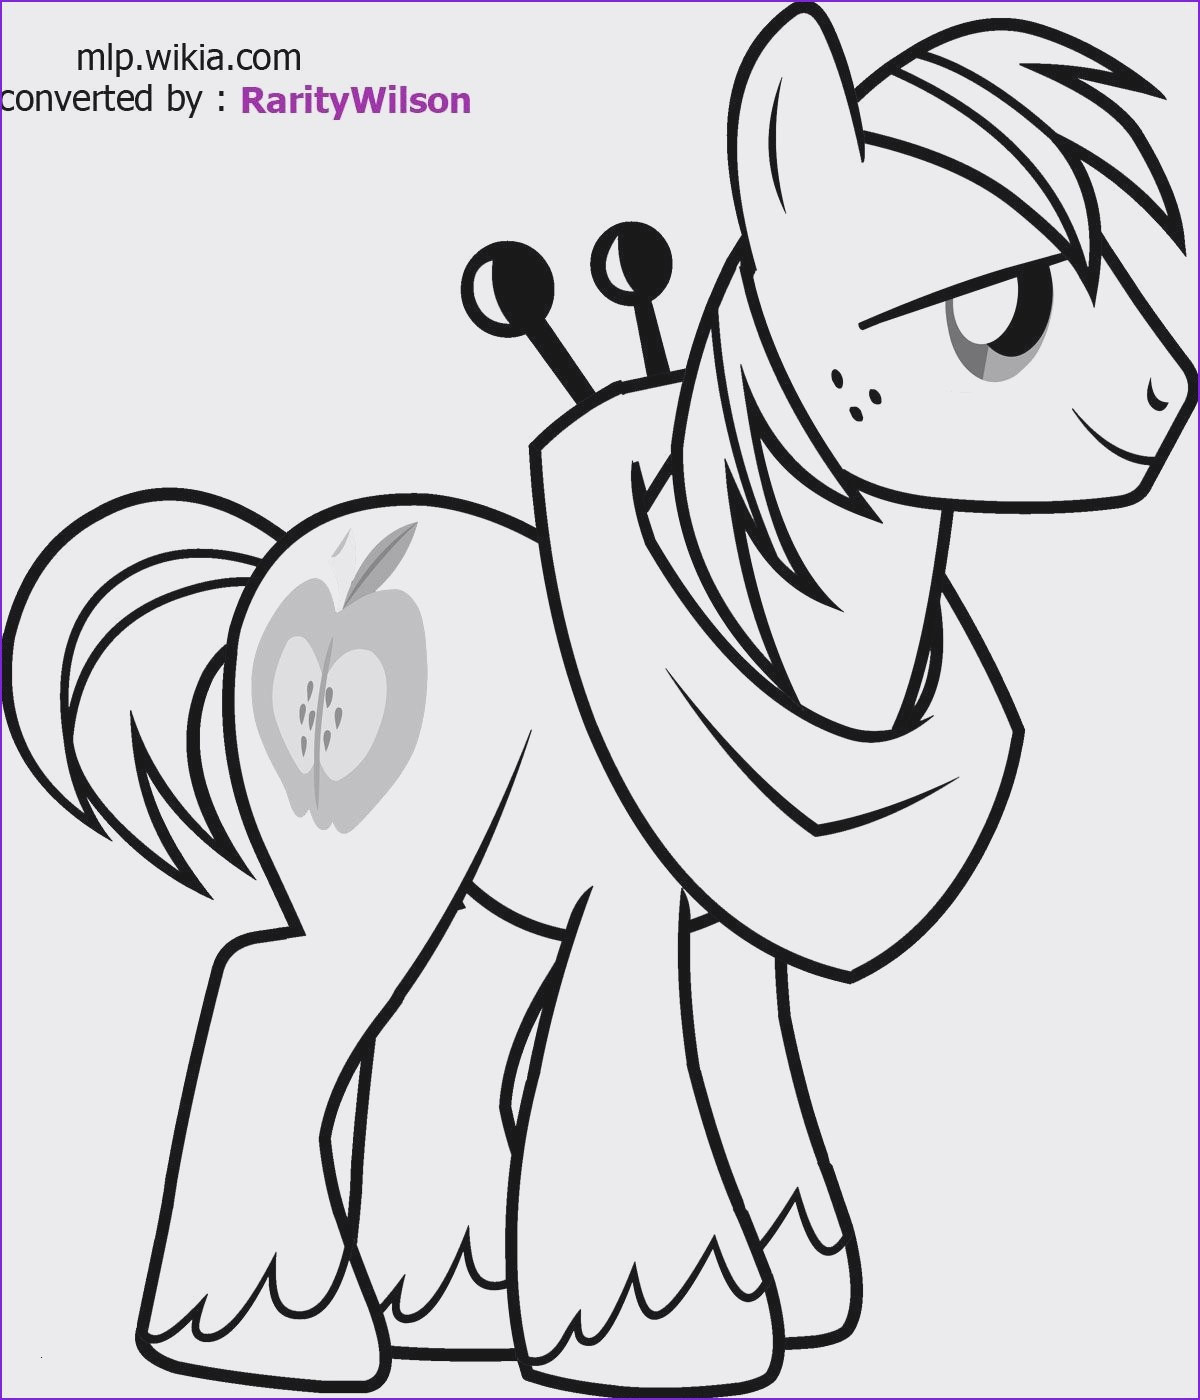 My Little Pony Rainbow Dash Ausmalbilder Neu 40 My Little Pony Friendship is Magic Ausmalbilder Scoredatscore Bilder